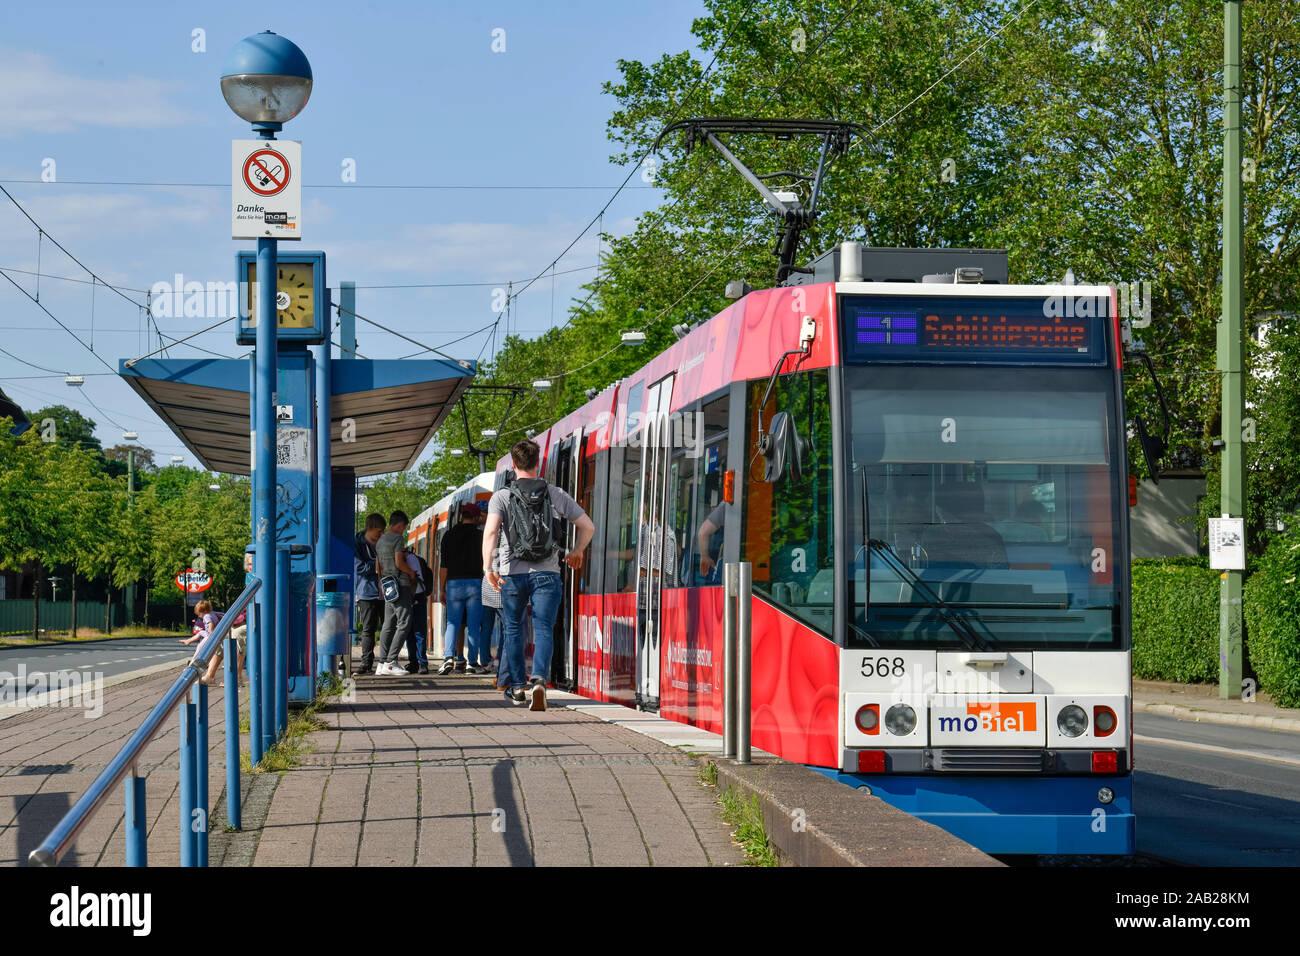 Tram, Artur-Ladebeck-Straße, Bielefeld, Nordrhein-Westfalen, Deutschland Stock Photo